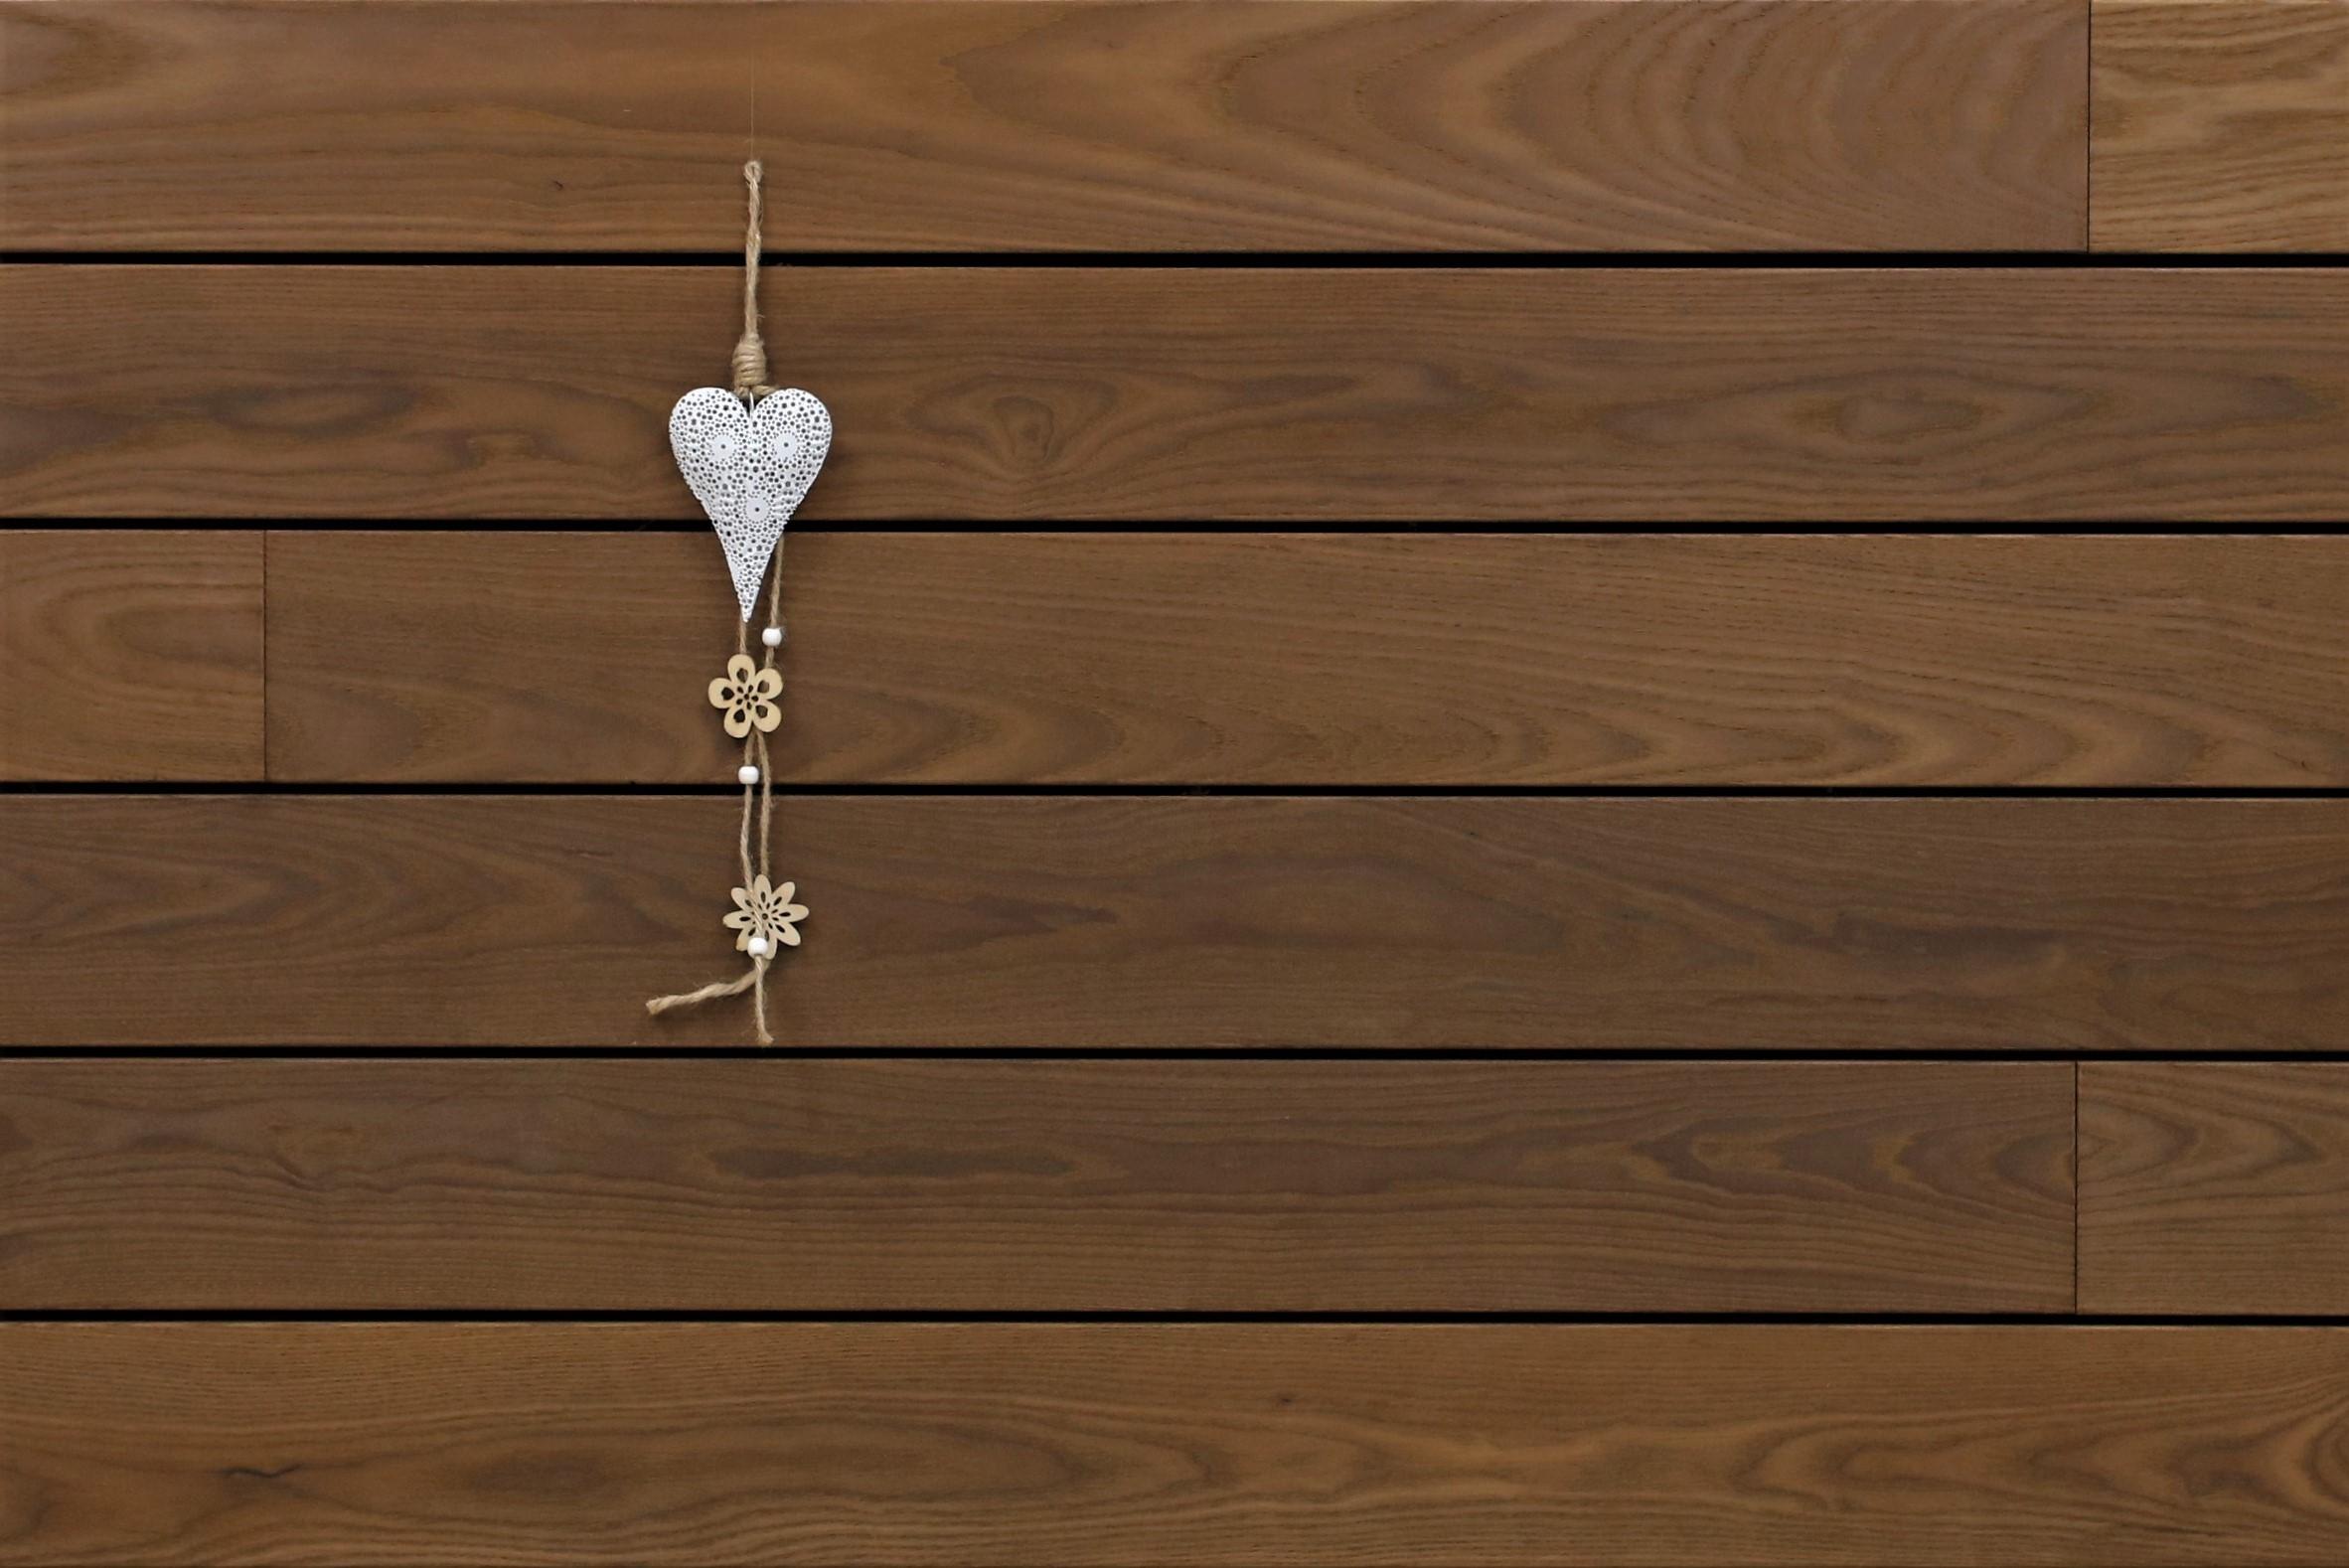 Thermoesche Holz Dielen für die Terrasse, 9,95 €/lfm, Premium (KD) glatt, stirnseitig Nut / Feder Verbindung, 21 x 130 von 1800 bis 3000 mm,  Terrassendielen Bretter